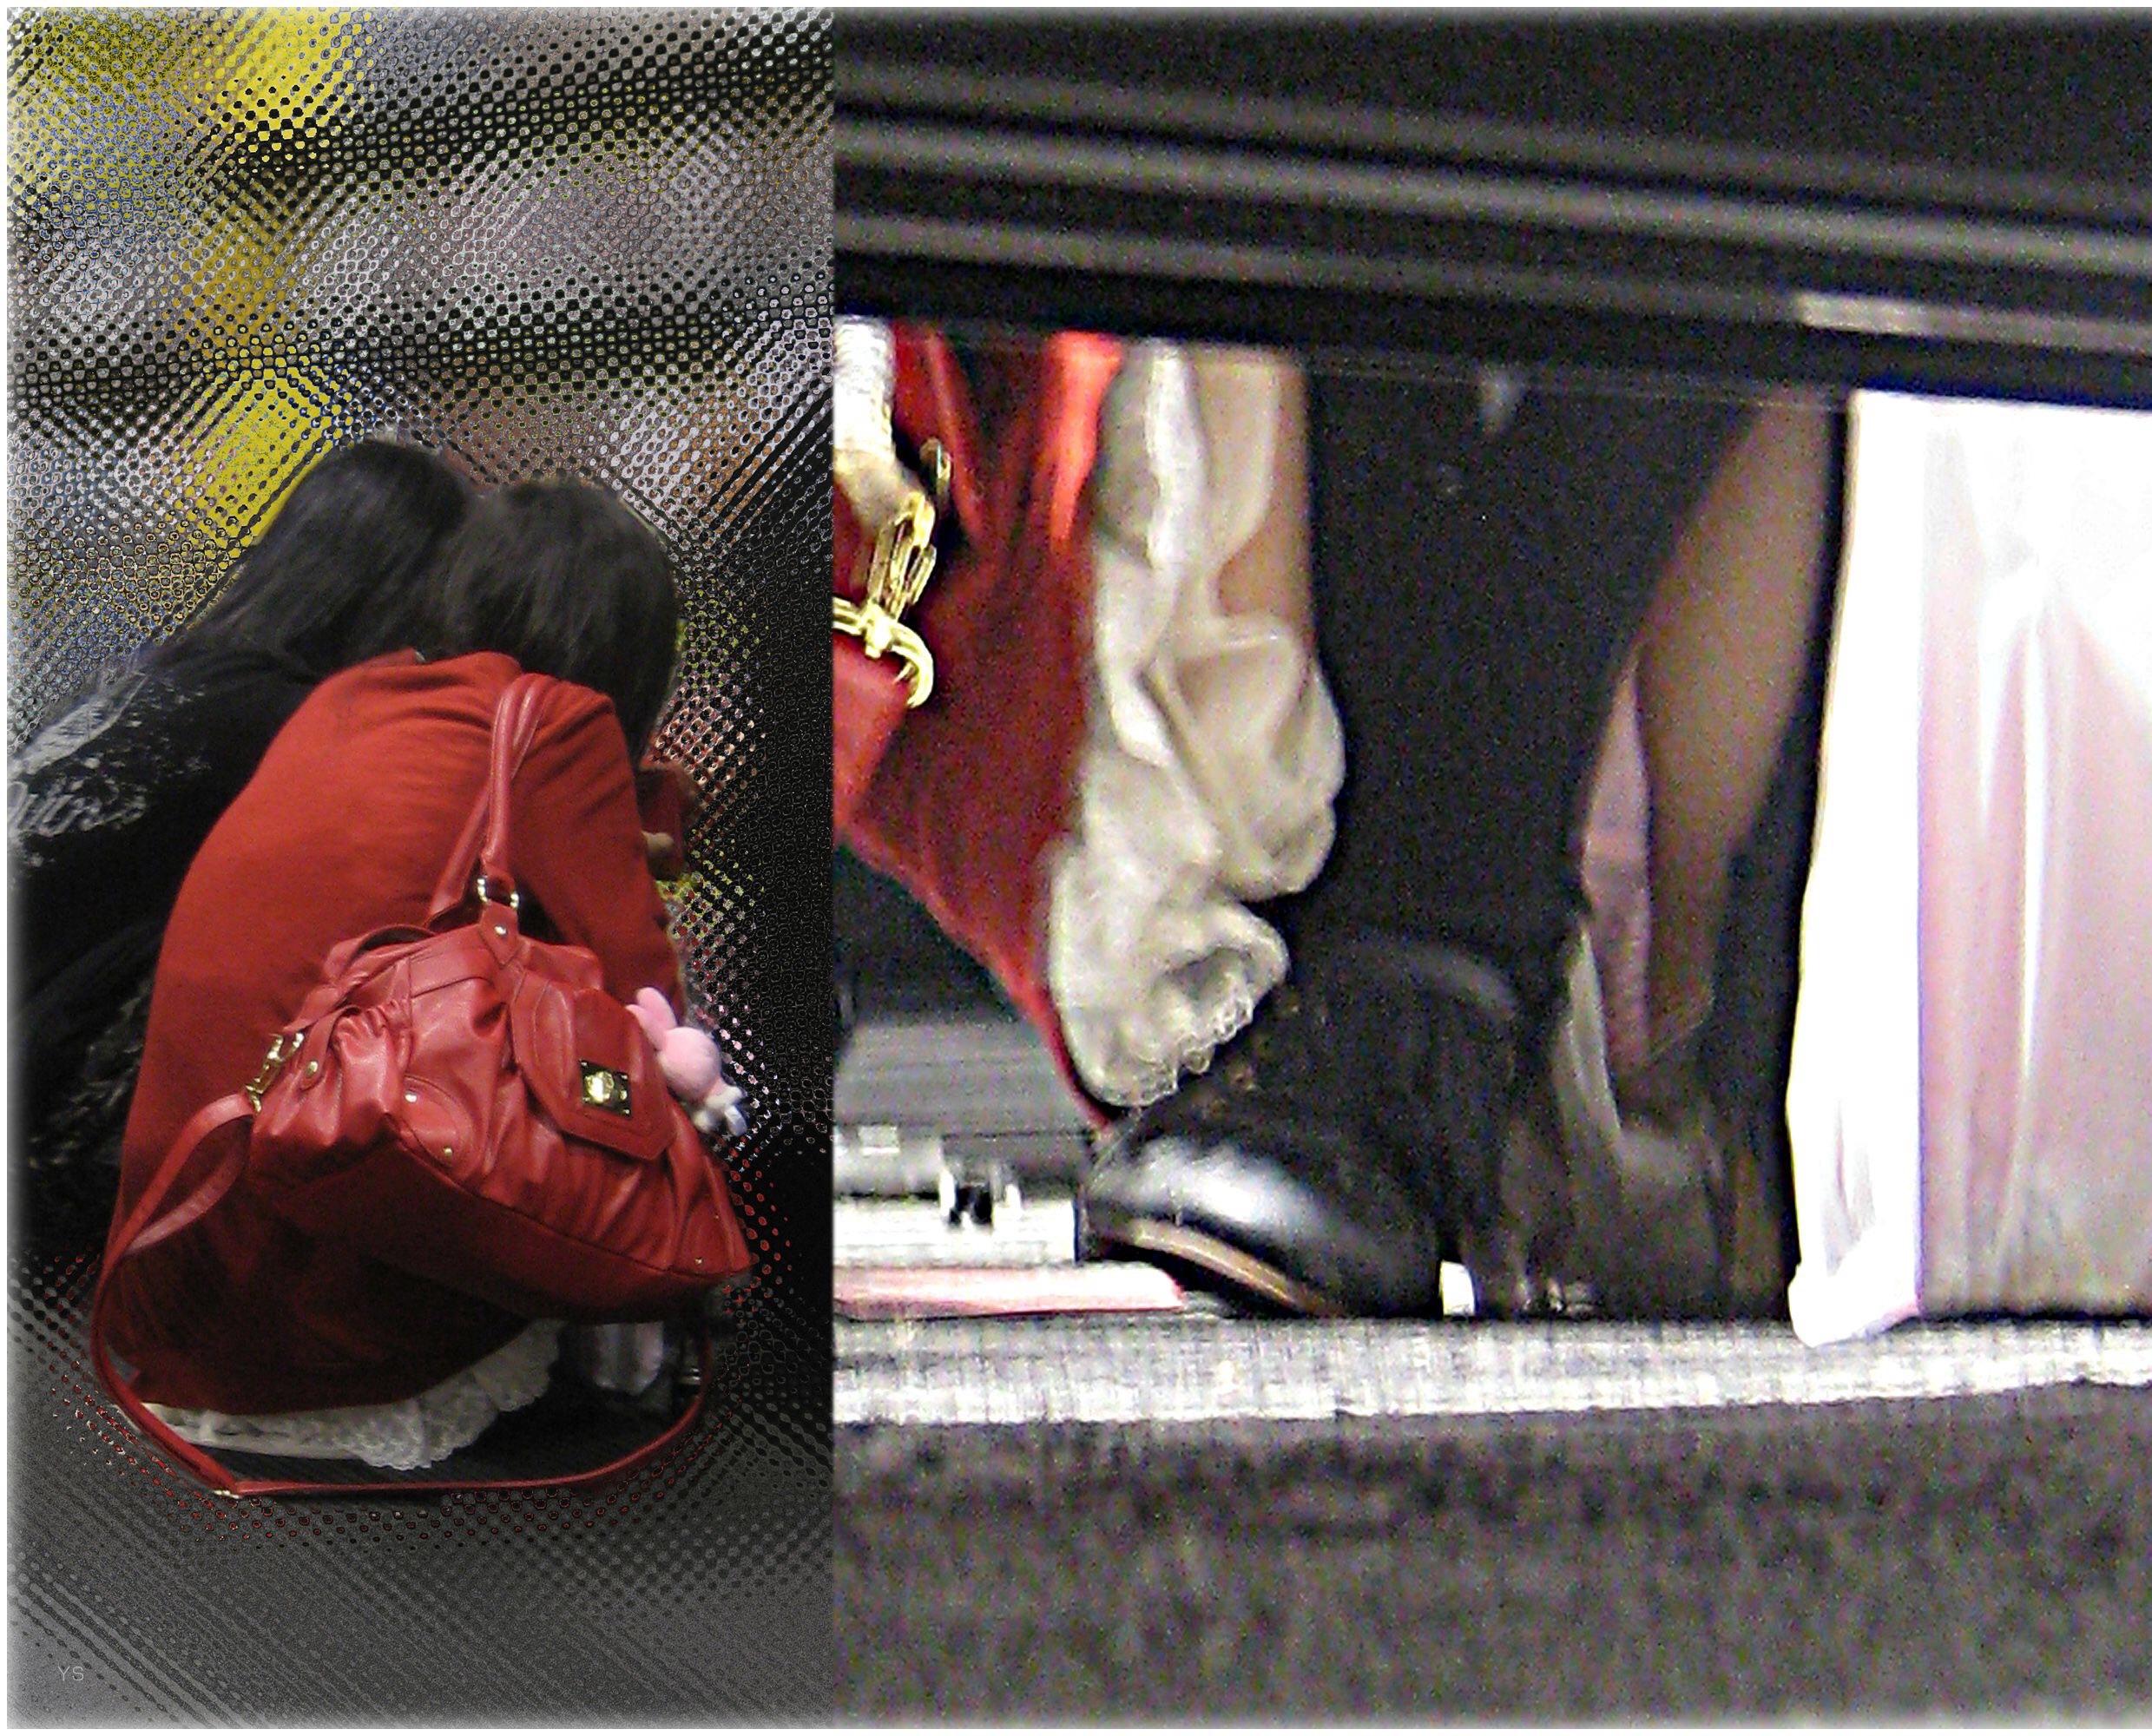 【パンチラエロ画像】棚の下から座るミニスカ女子のパンツを商品そっちのけでガン見www 29